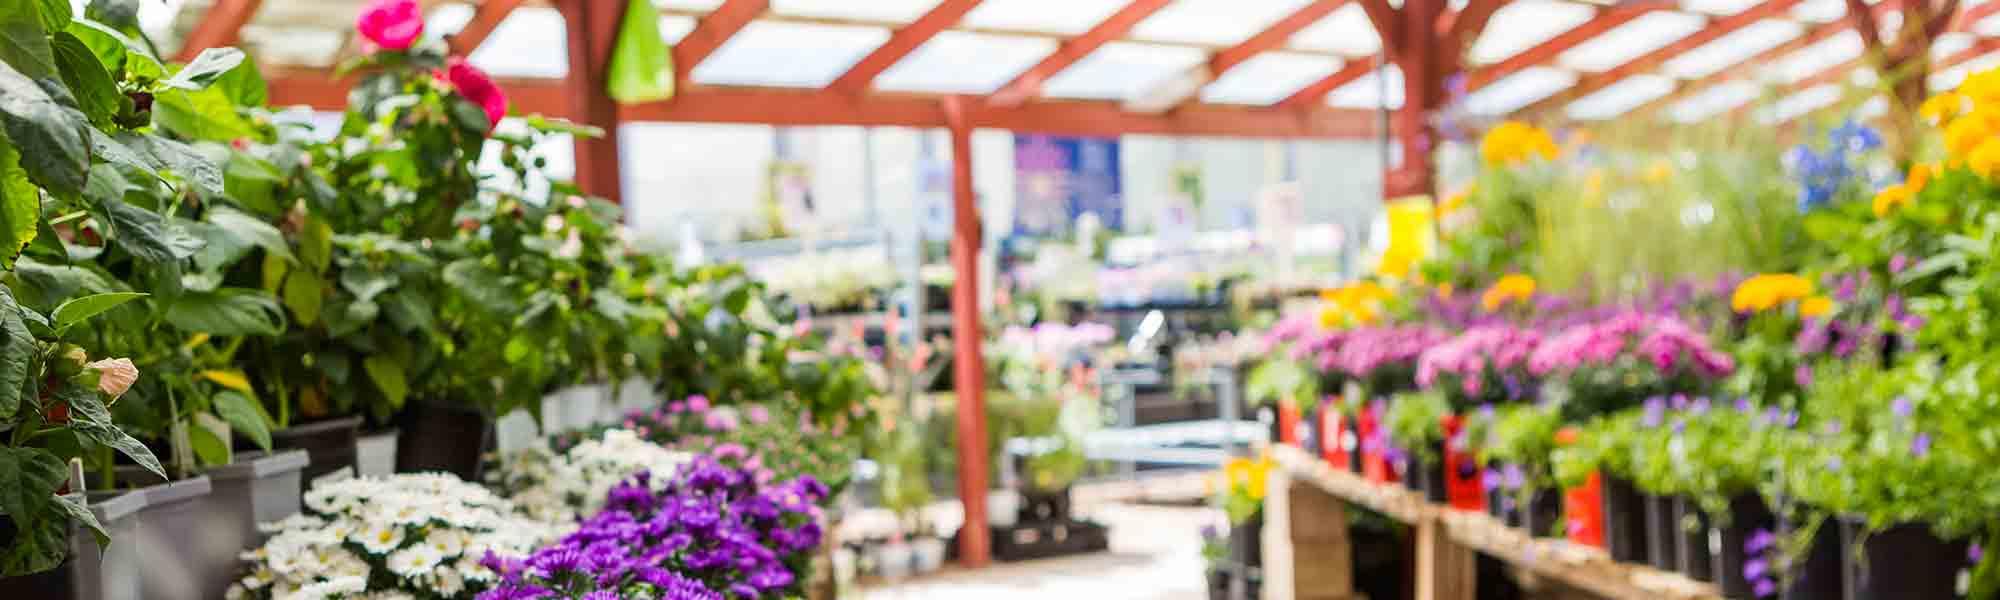 rural_garden_centres_2x6_219685807